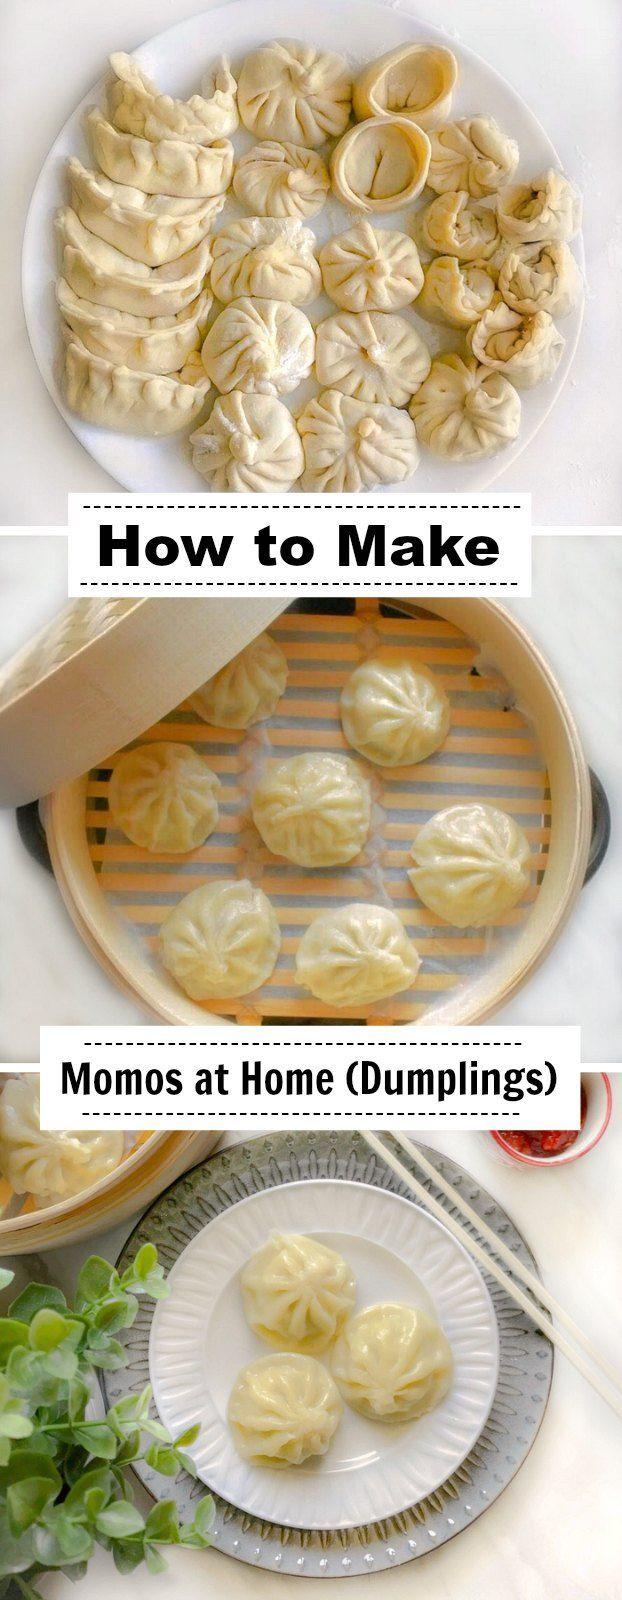 How to Make Momos at Home: #momos #dumplings #chinese